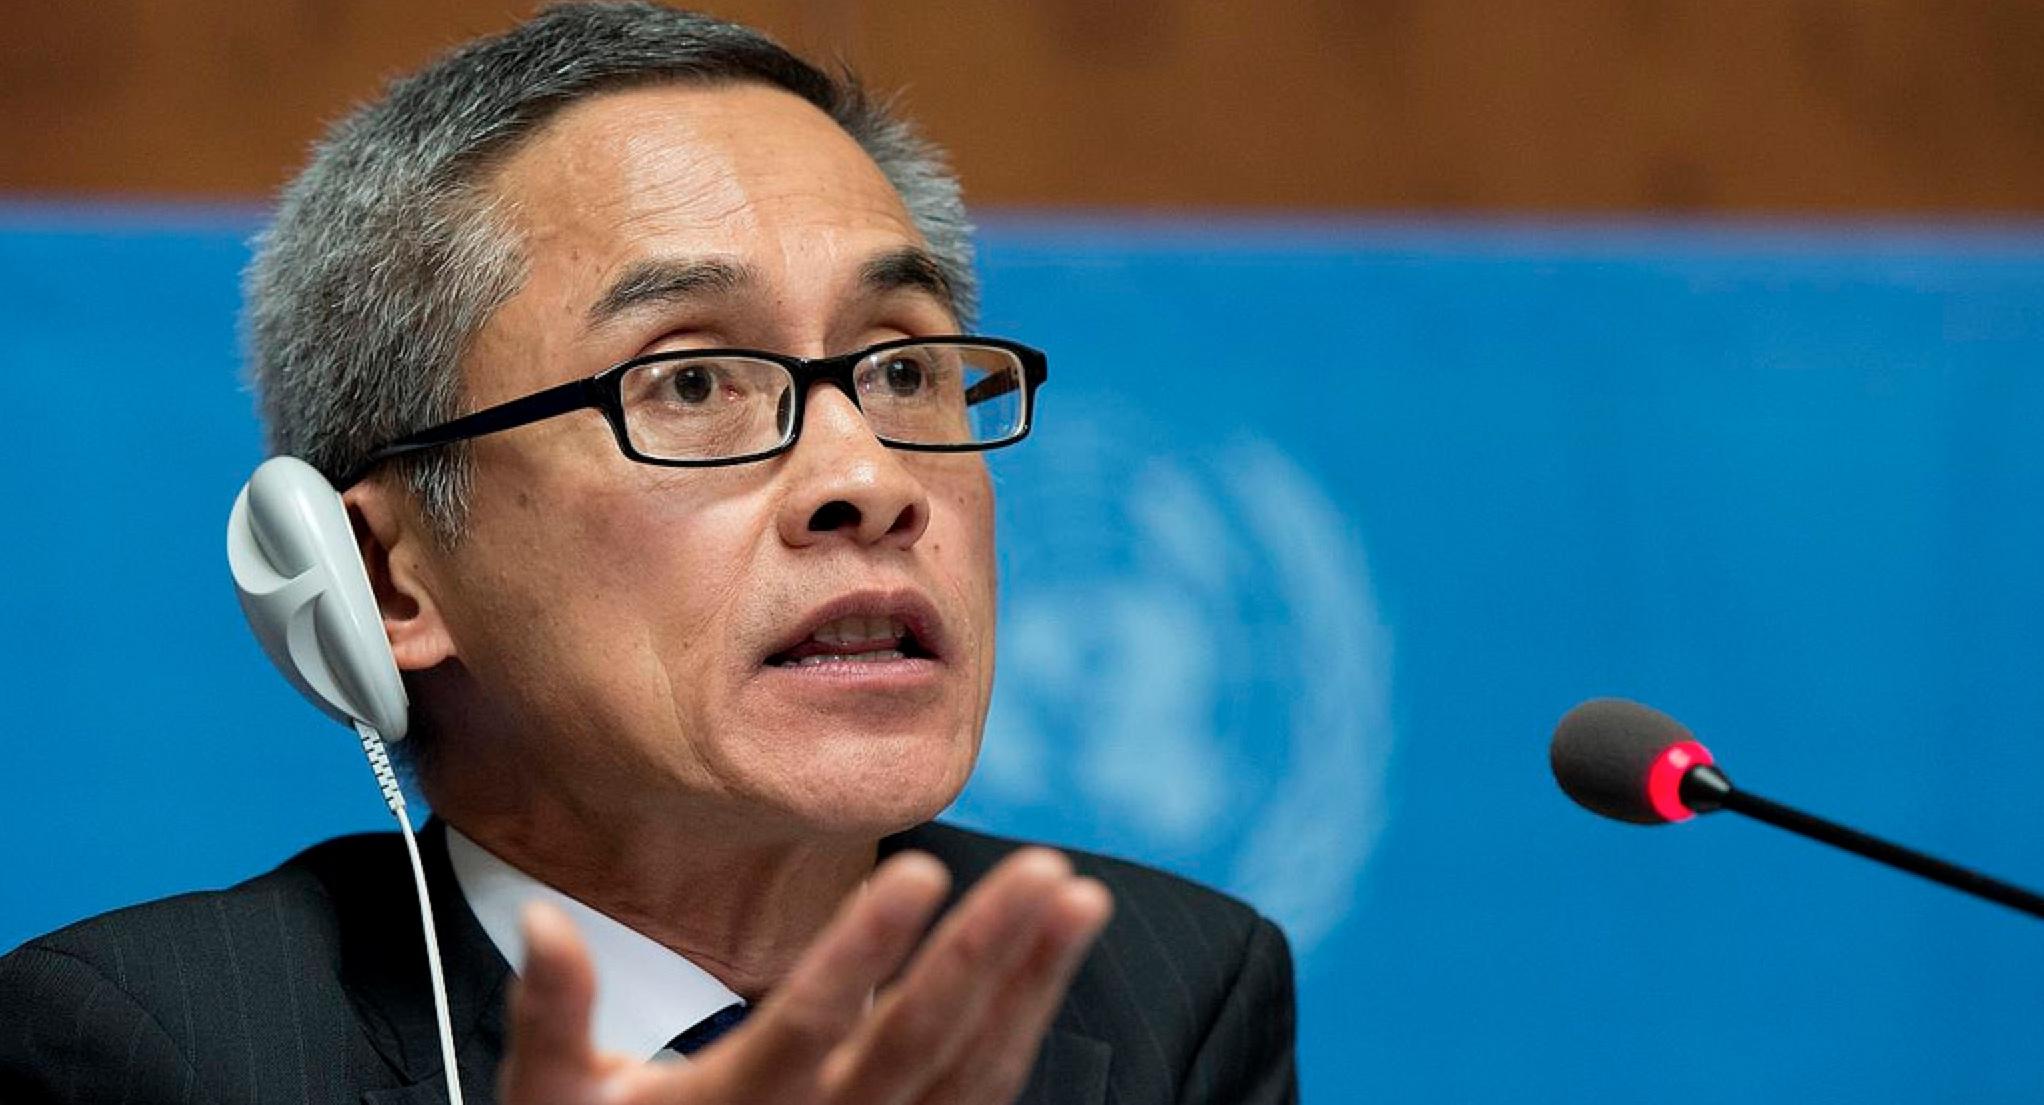 BM'nin LGBT Hakları Uzmanını Kaldırmaya Teşebbüsü Yenilgiye Uğradı!